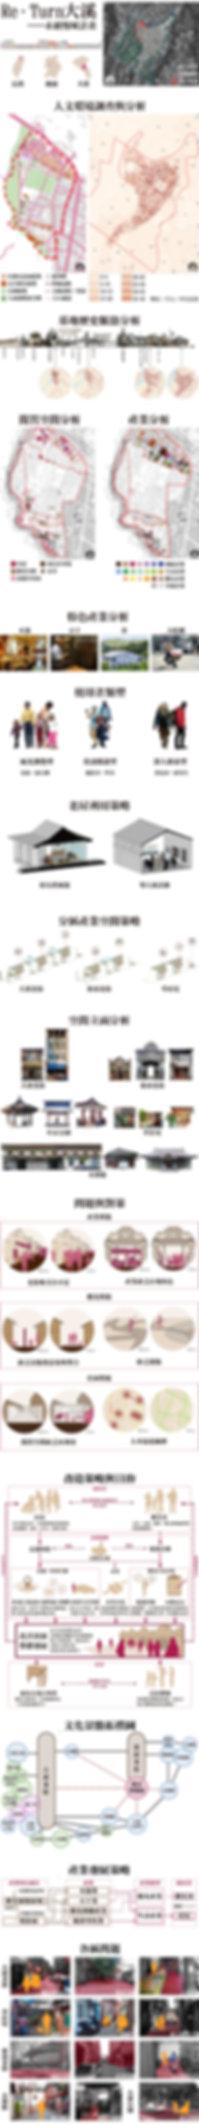 RE·Turn大溪 永續慢城計畫-作品內容1-01.jpg